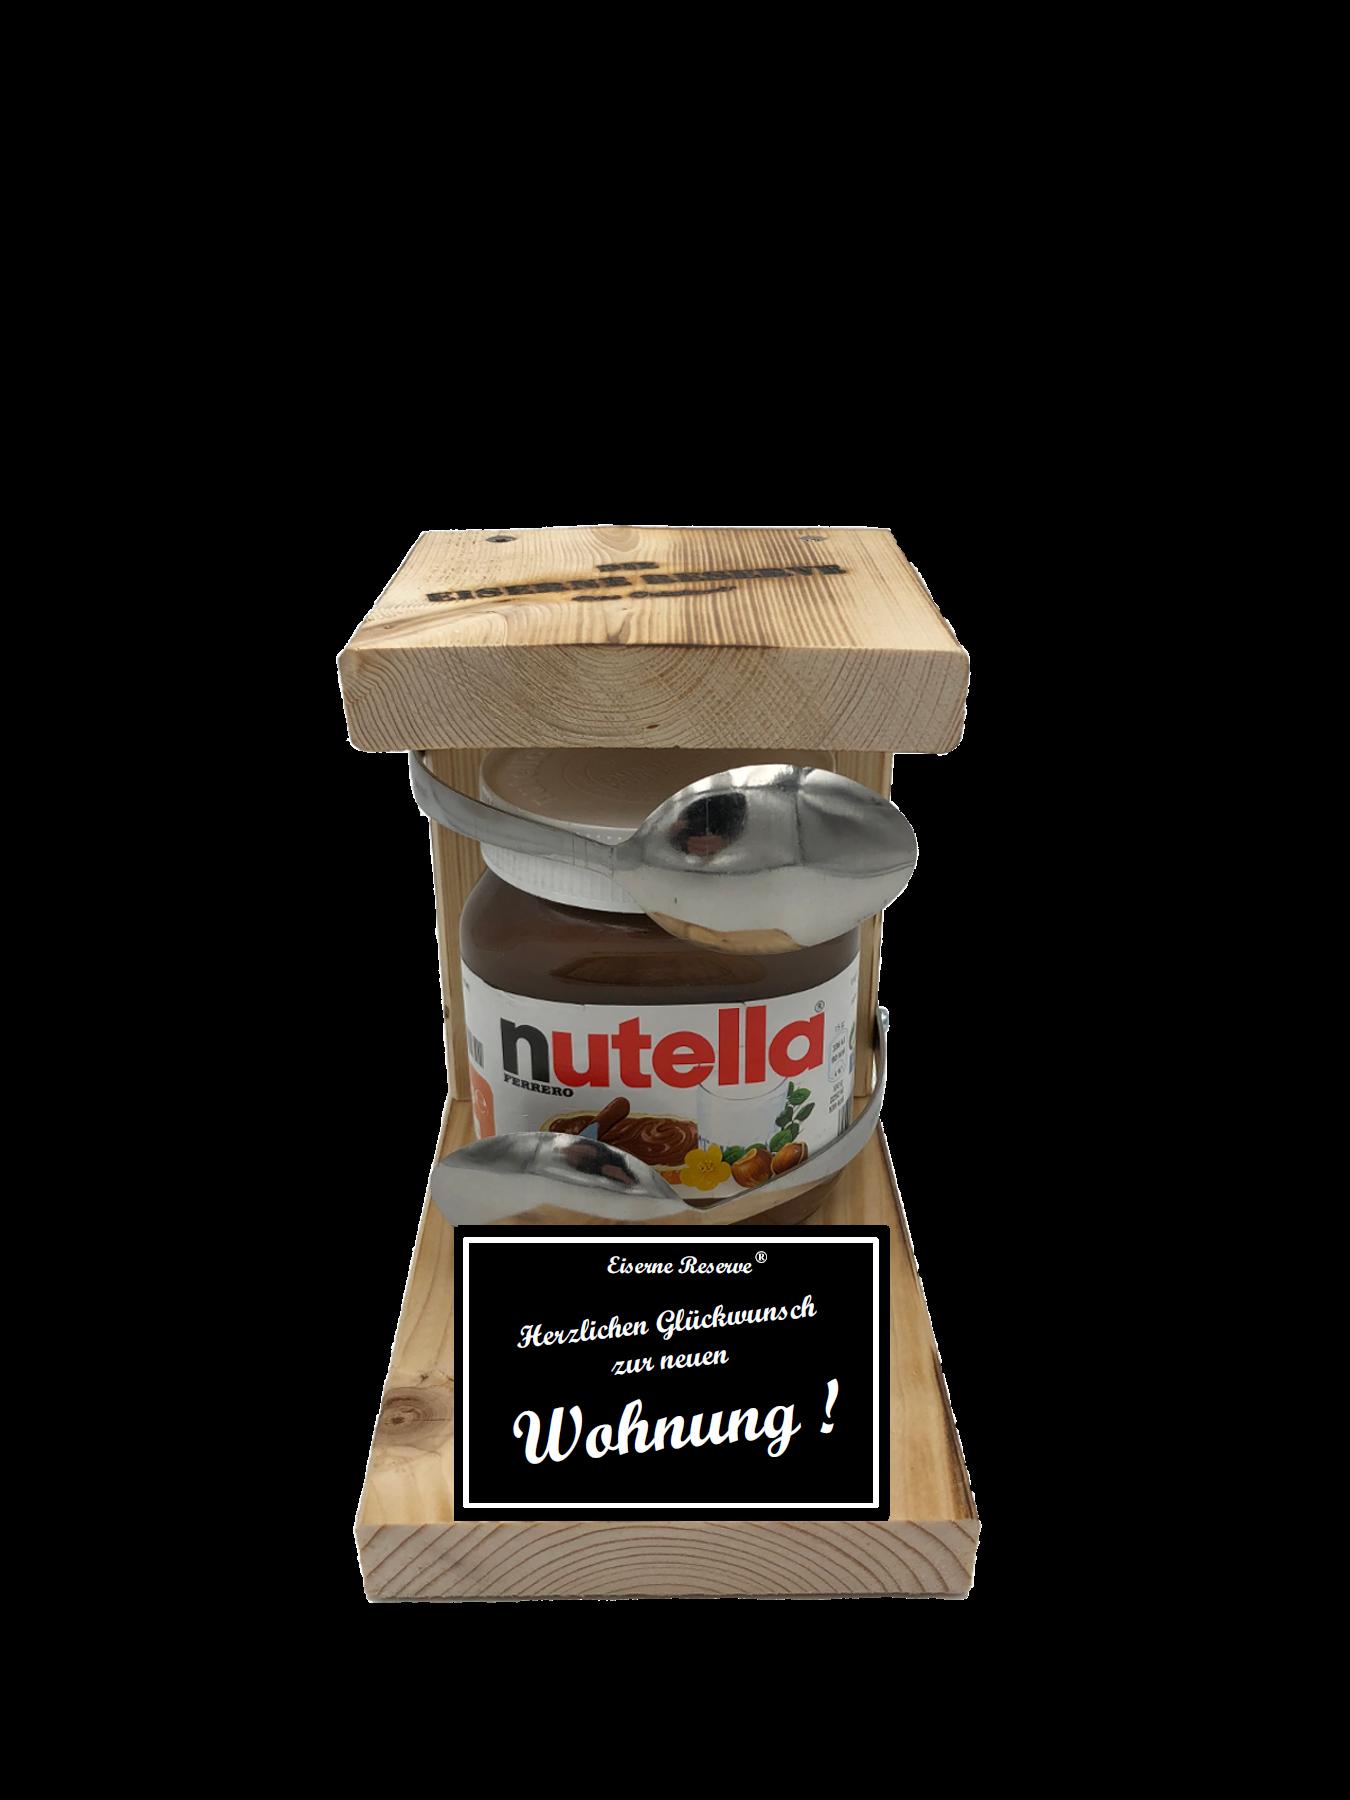 Geschenke Zur Neuen Wohnung Loffel Nutella Geschenk Die Nutella Geschenkidee